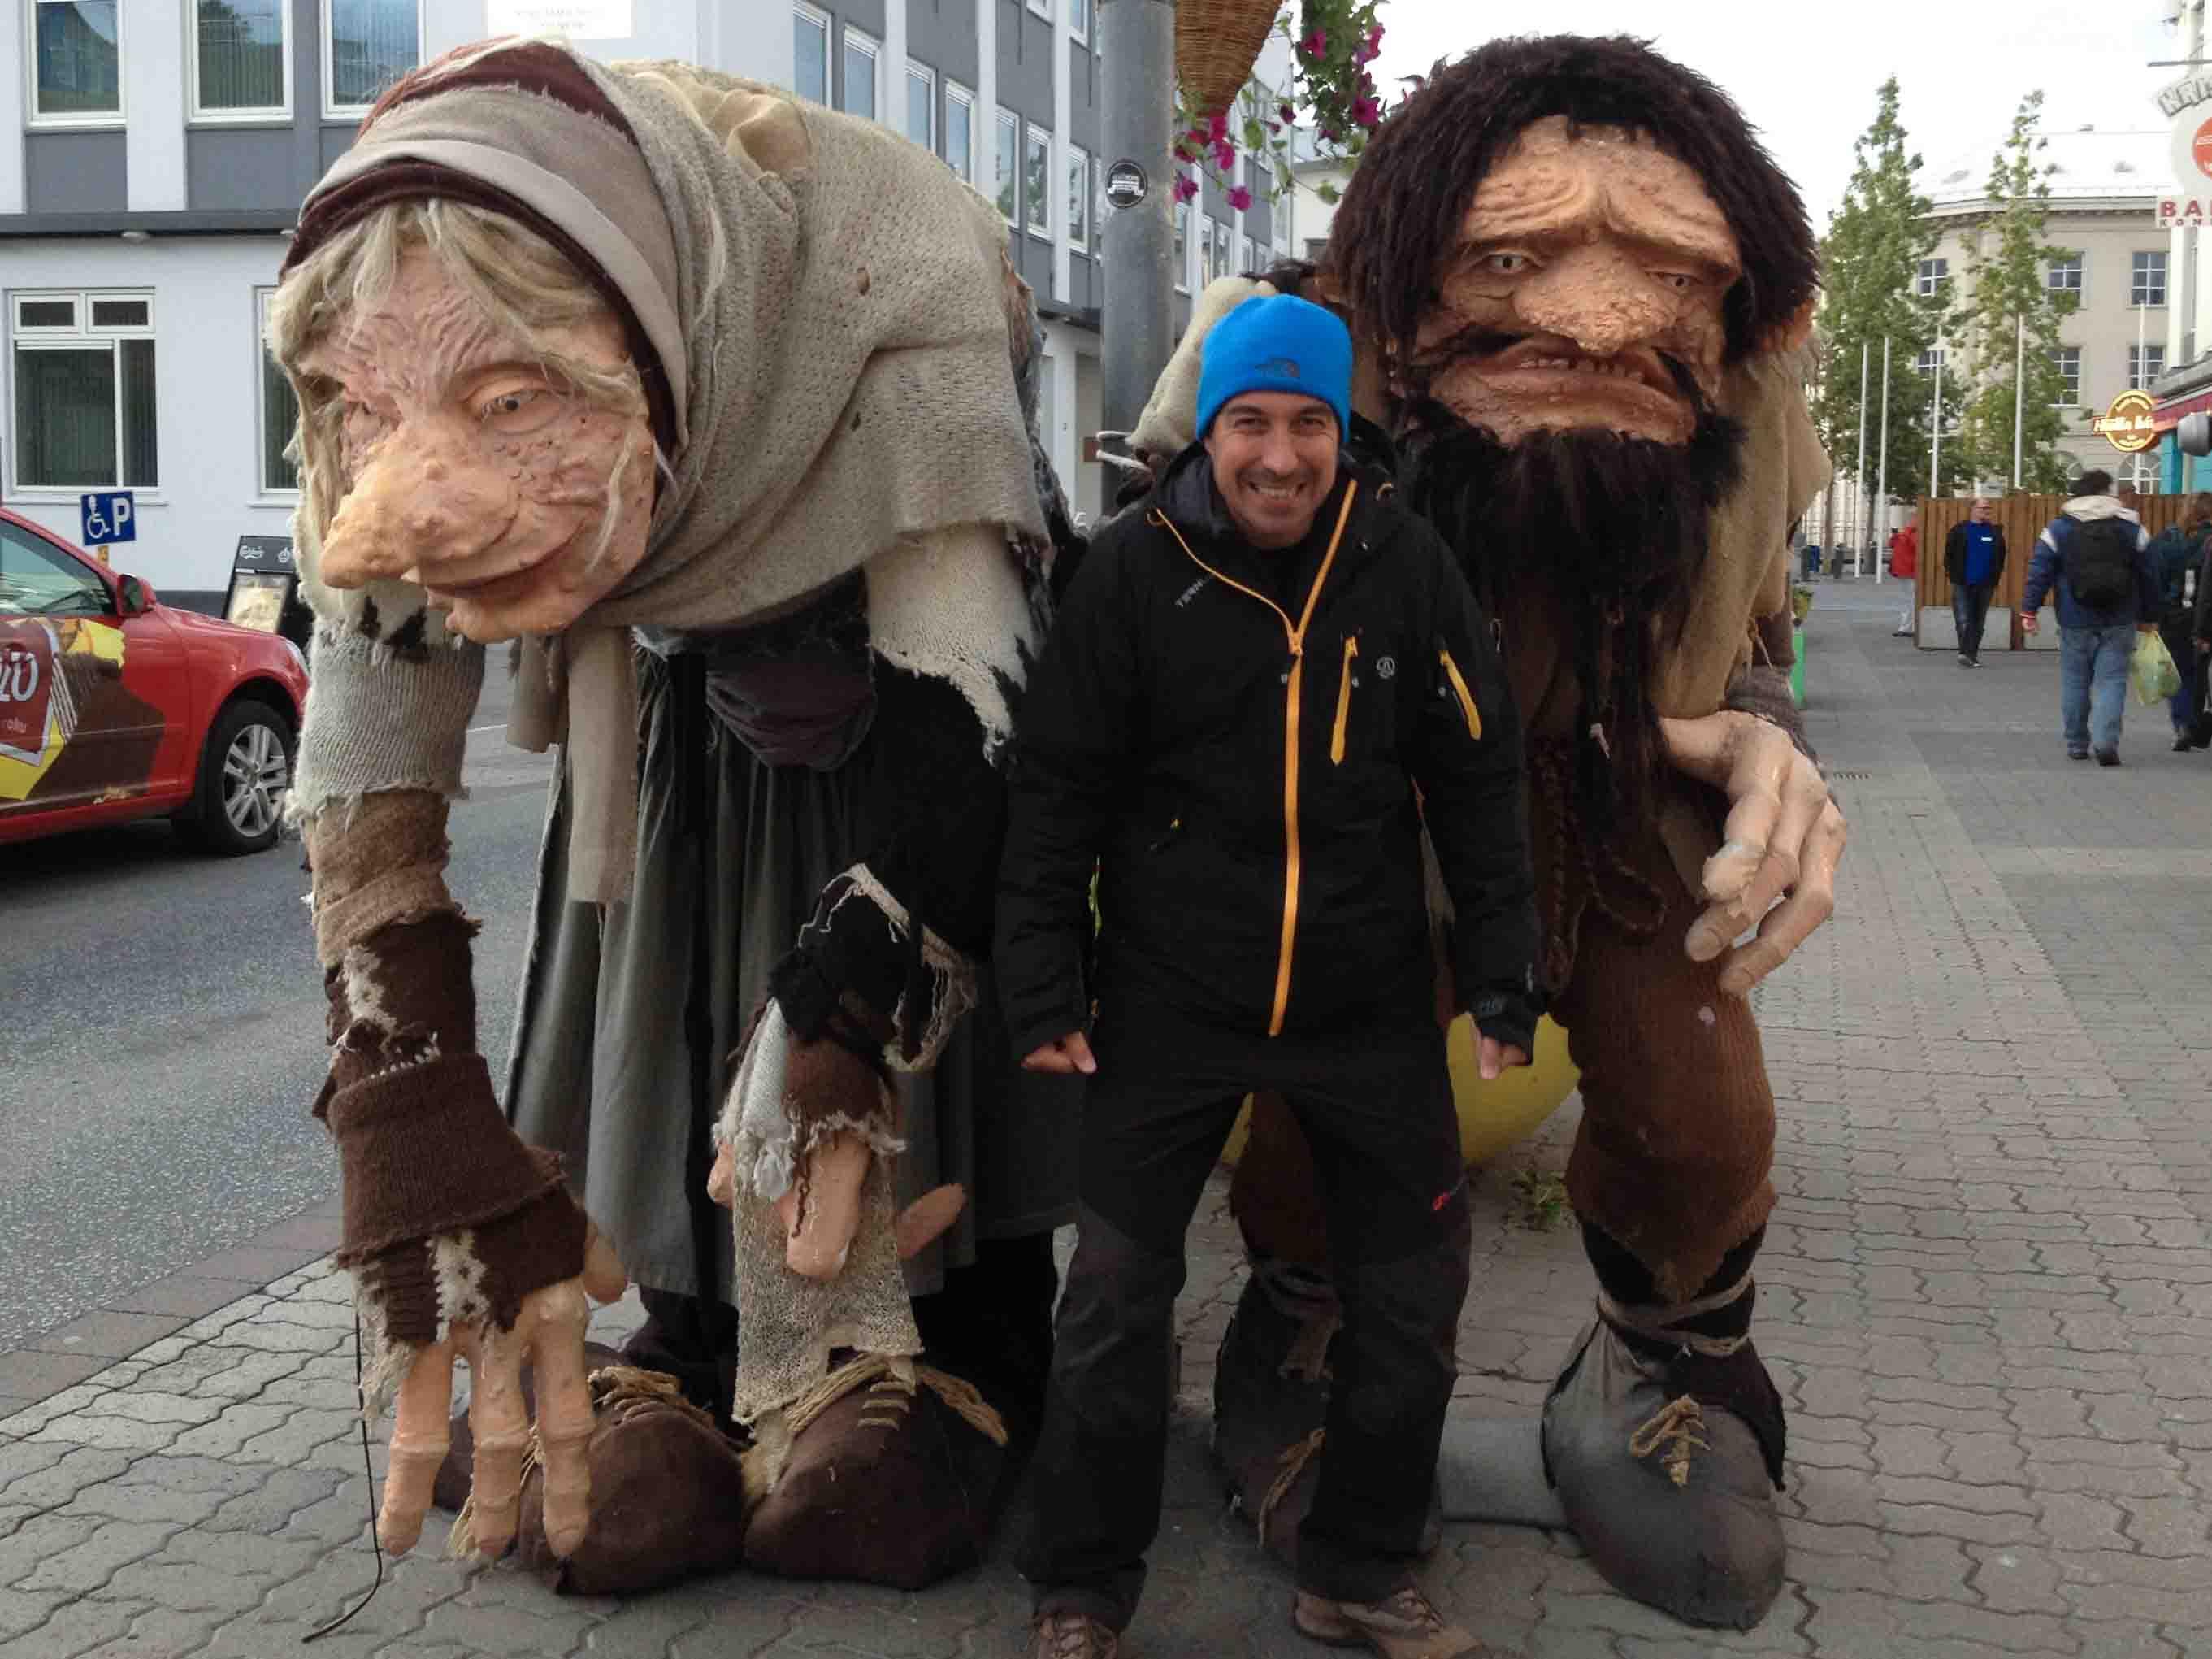 Tarde libre en Akureyri donde Haciendo nos hicimos amigos de los trolls.  Categoría: Foto más divertida